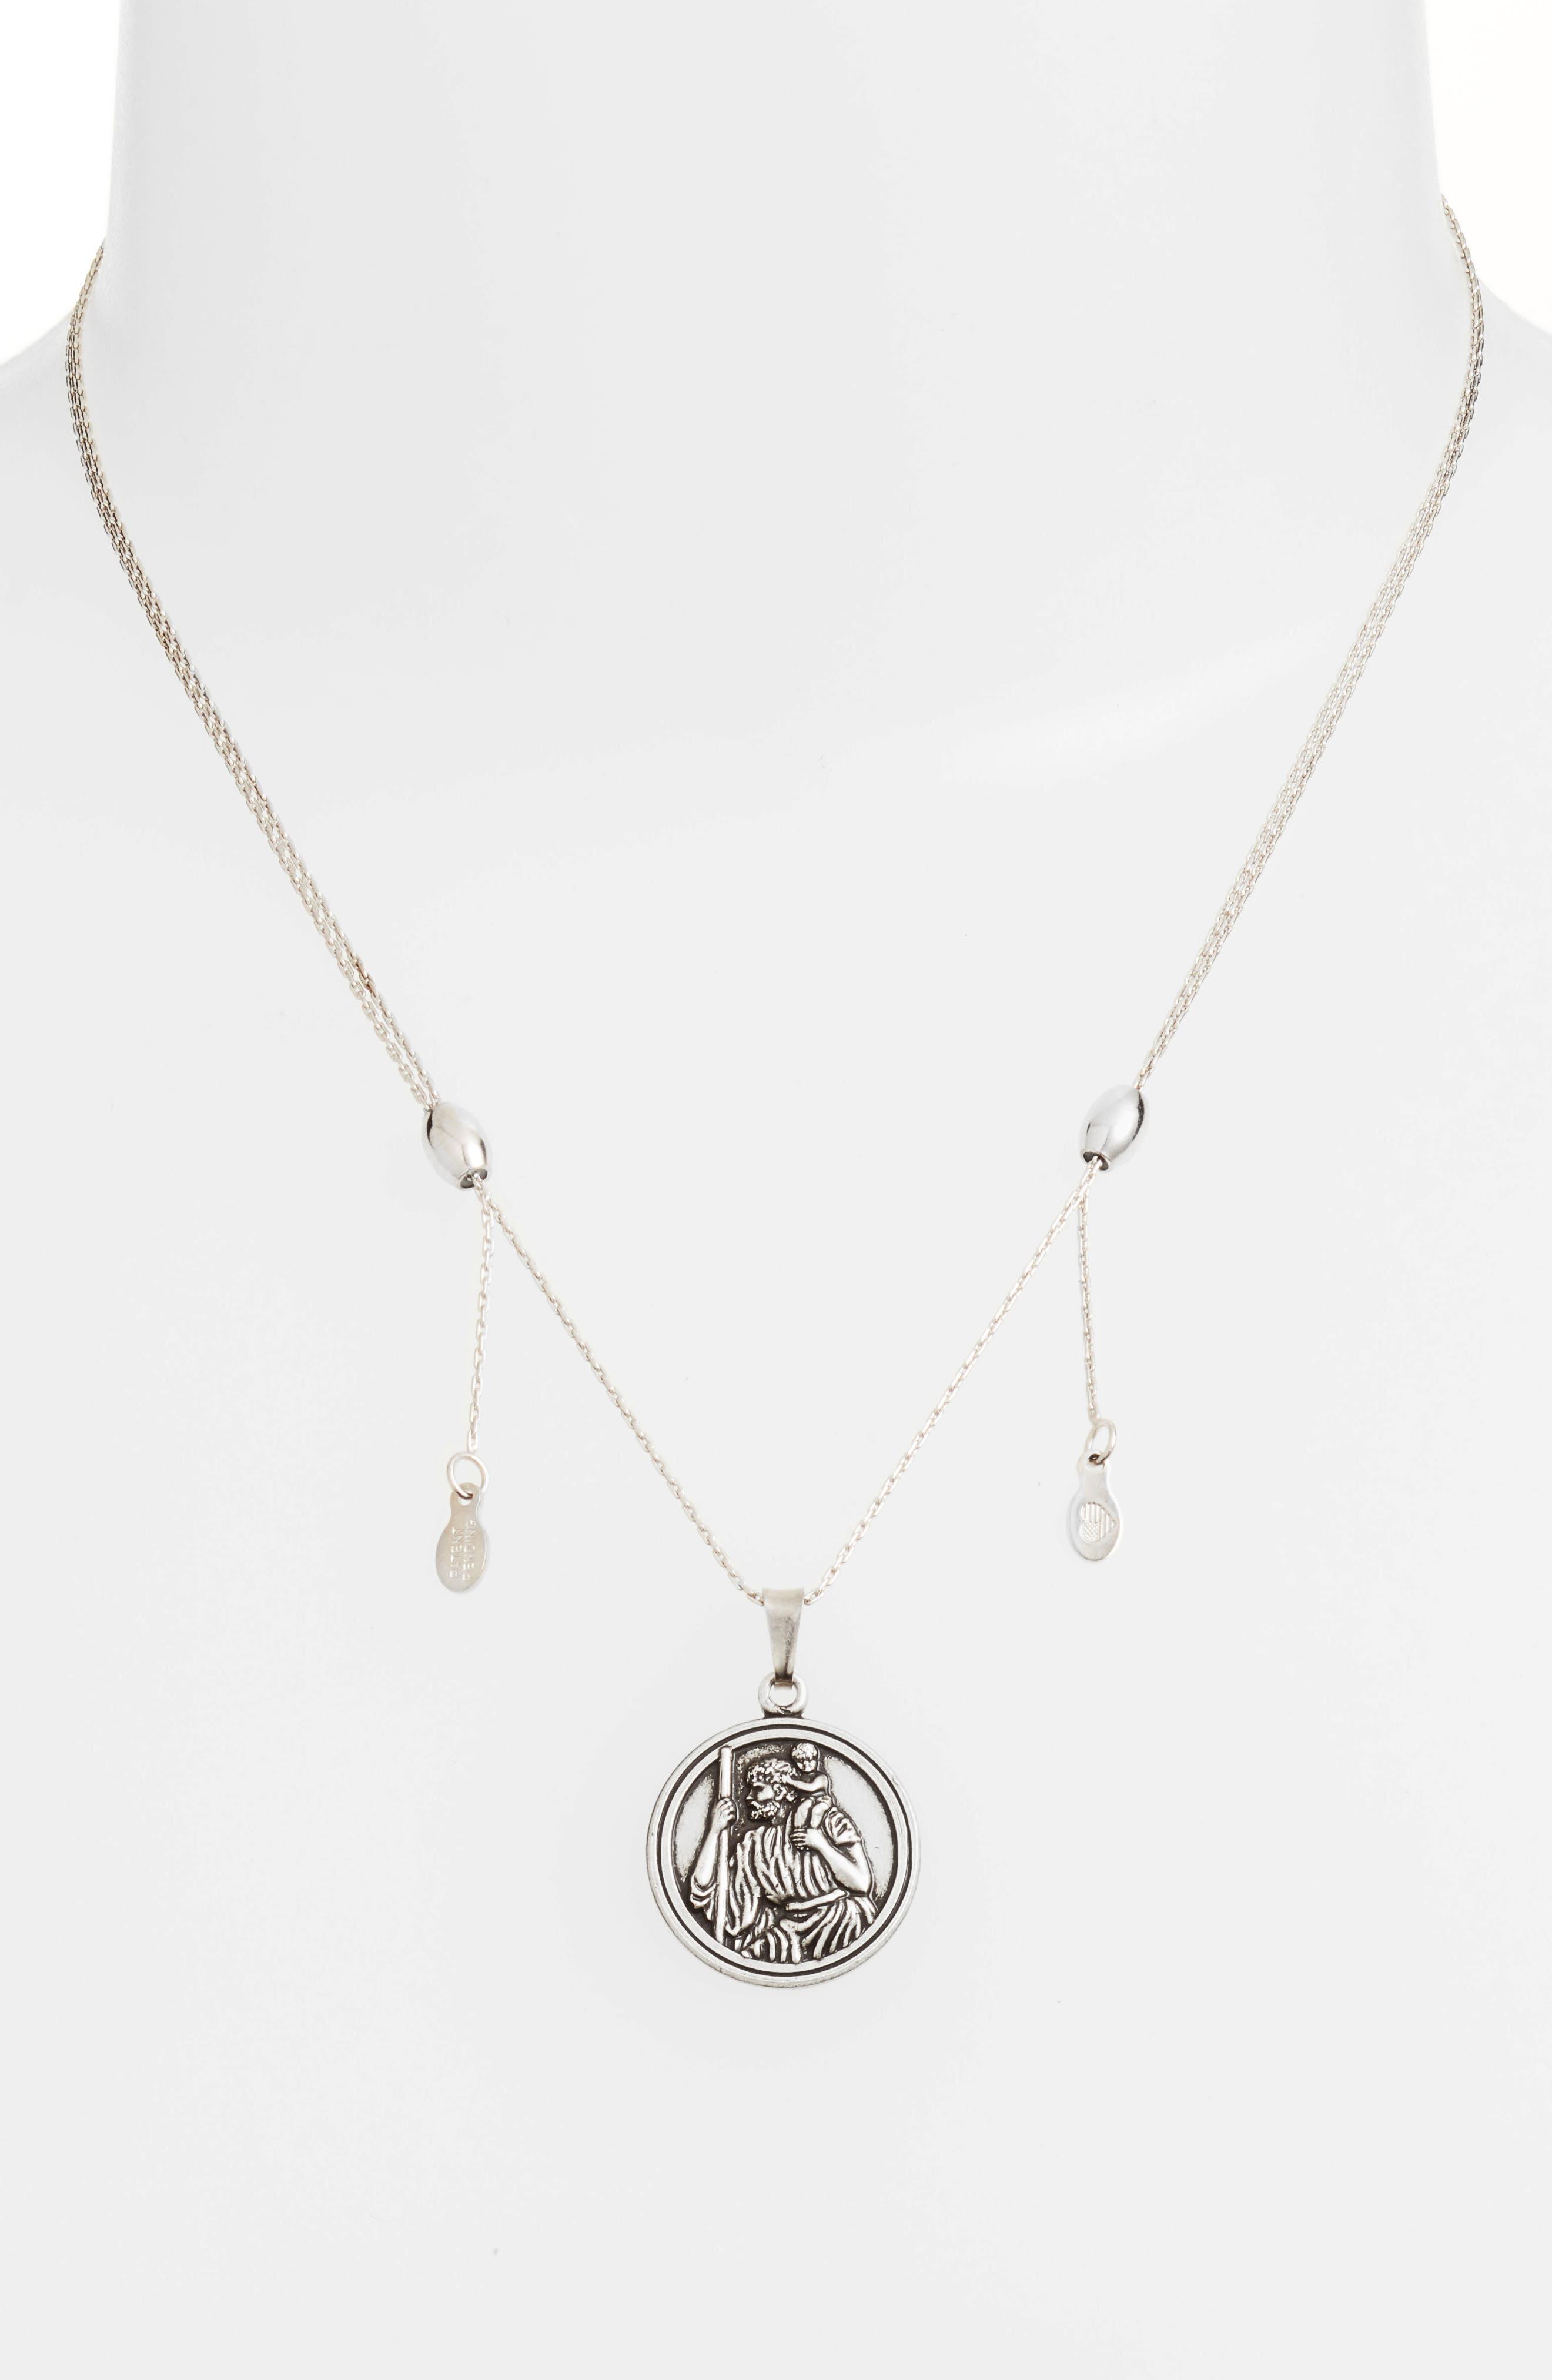 Saint Christopher Pendant Necklace,                             Alternate thumbnail 3, color,                             SILVER